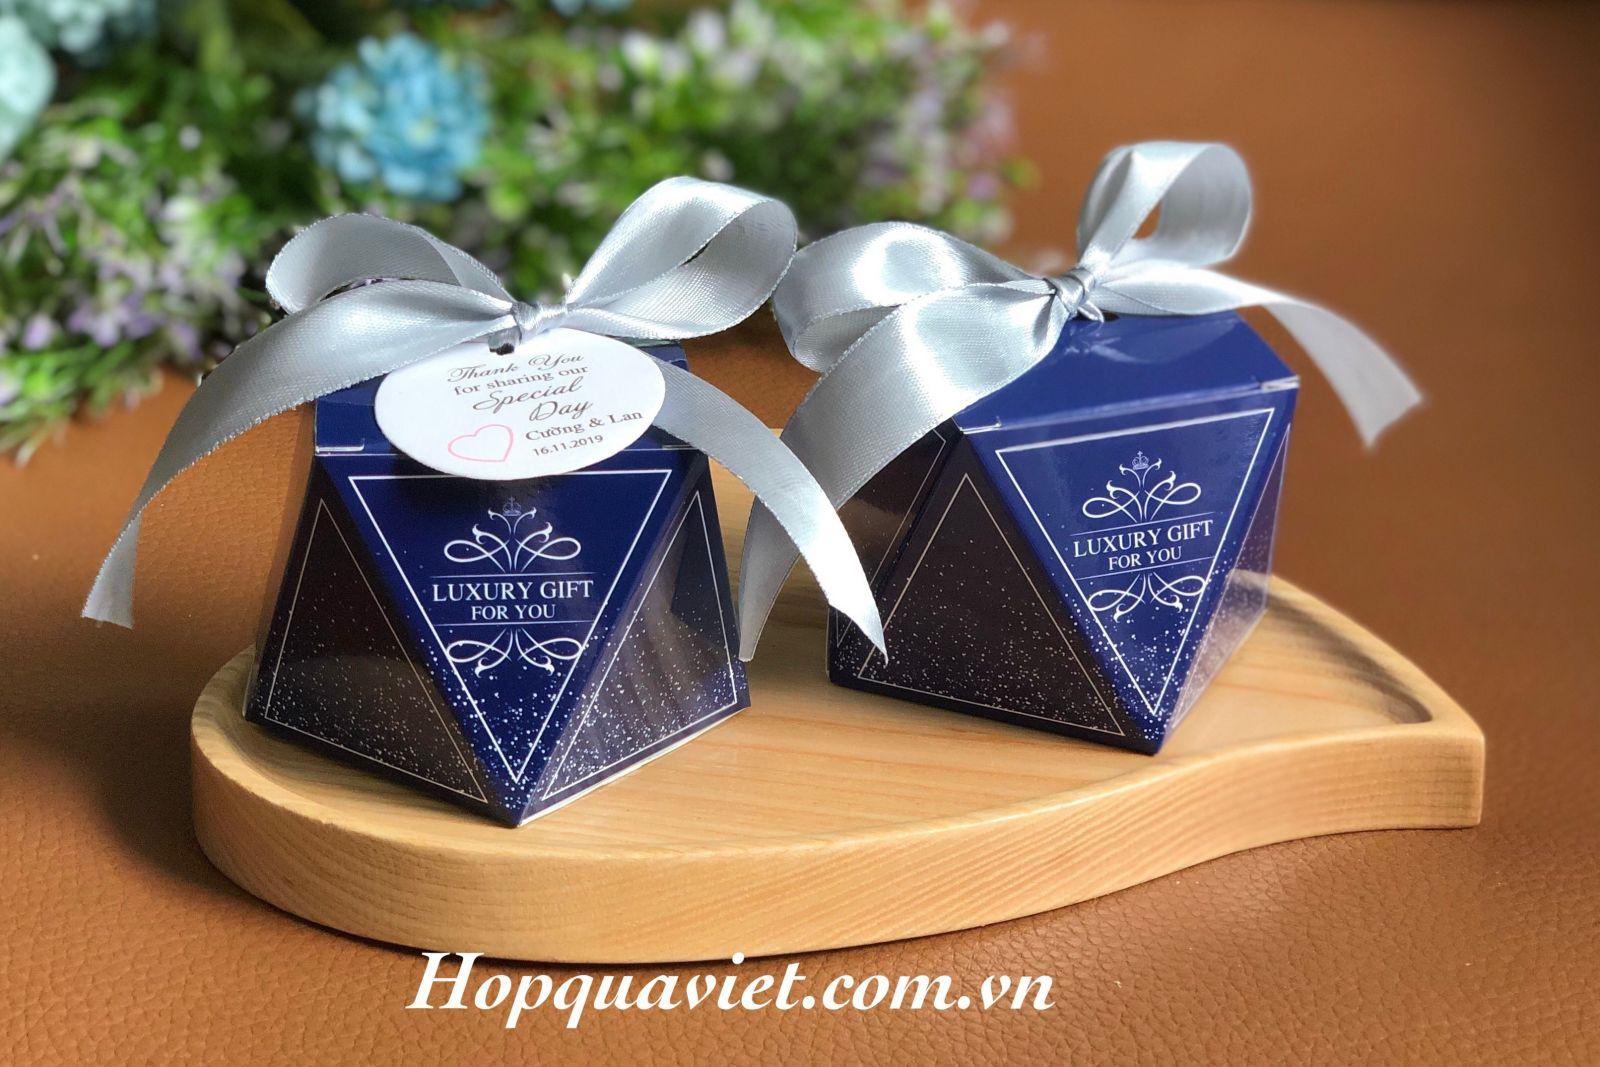 Hộp quà cưới đa giác xanh biển T5